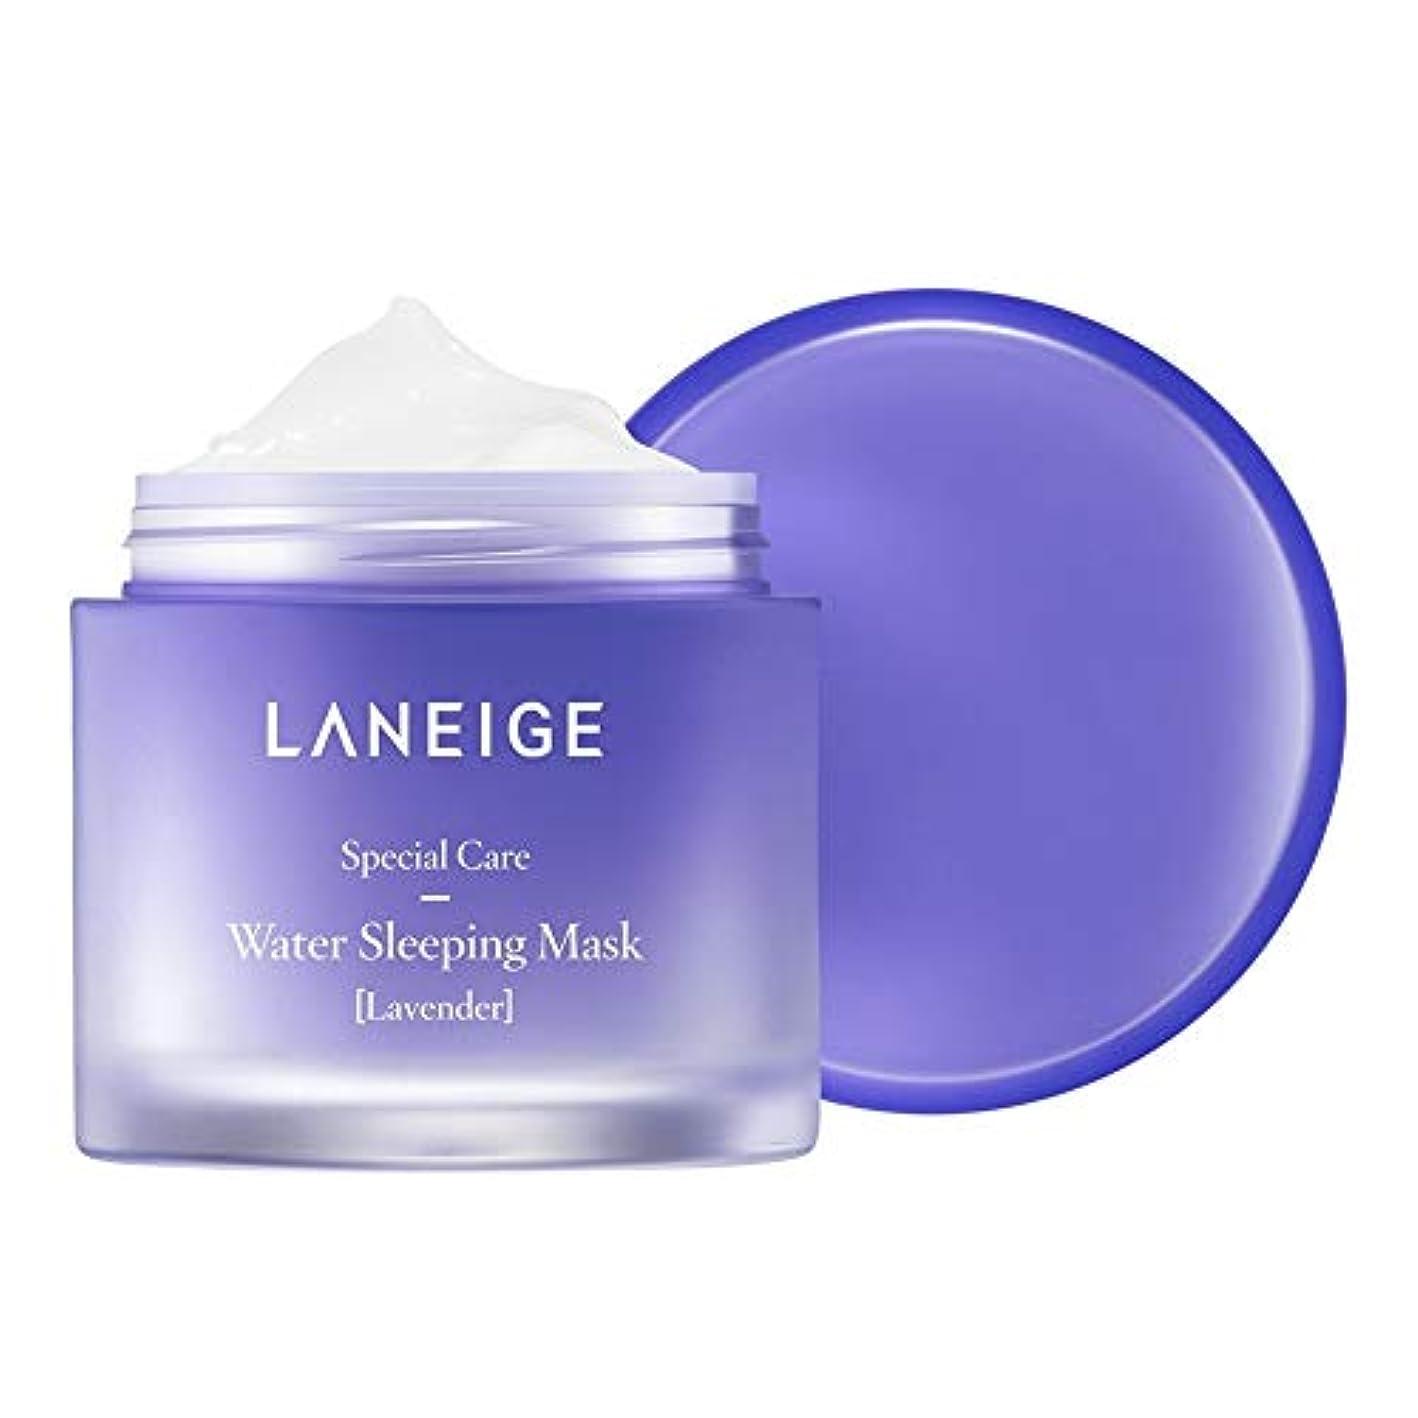 感嘆符墓代数的LANEIGE ラネージュ ウォータースリーピング マスク ラベンダー2017 New リフィルミーバージョン 70ml Water Sleeping Mask 2017 Lavender [海外直送品]